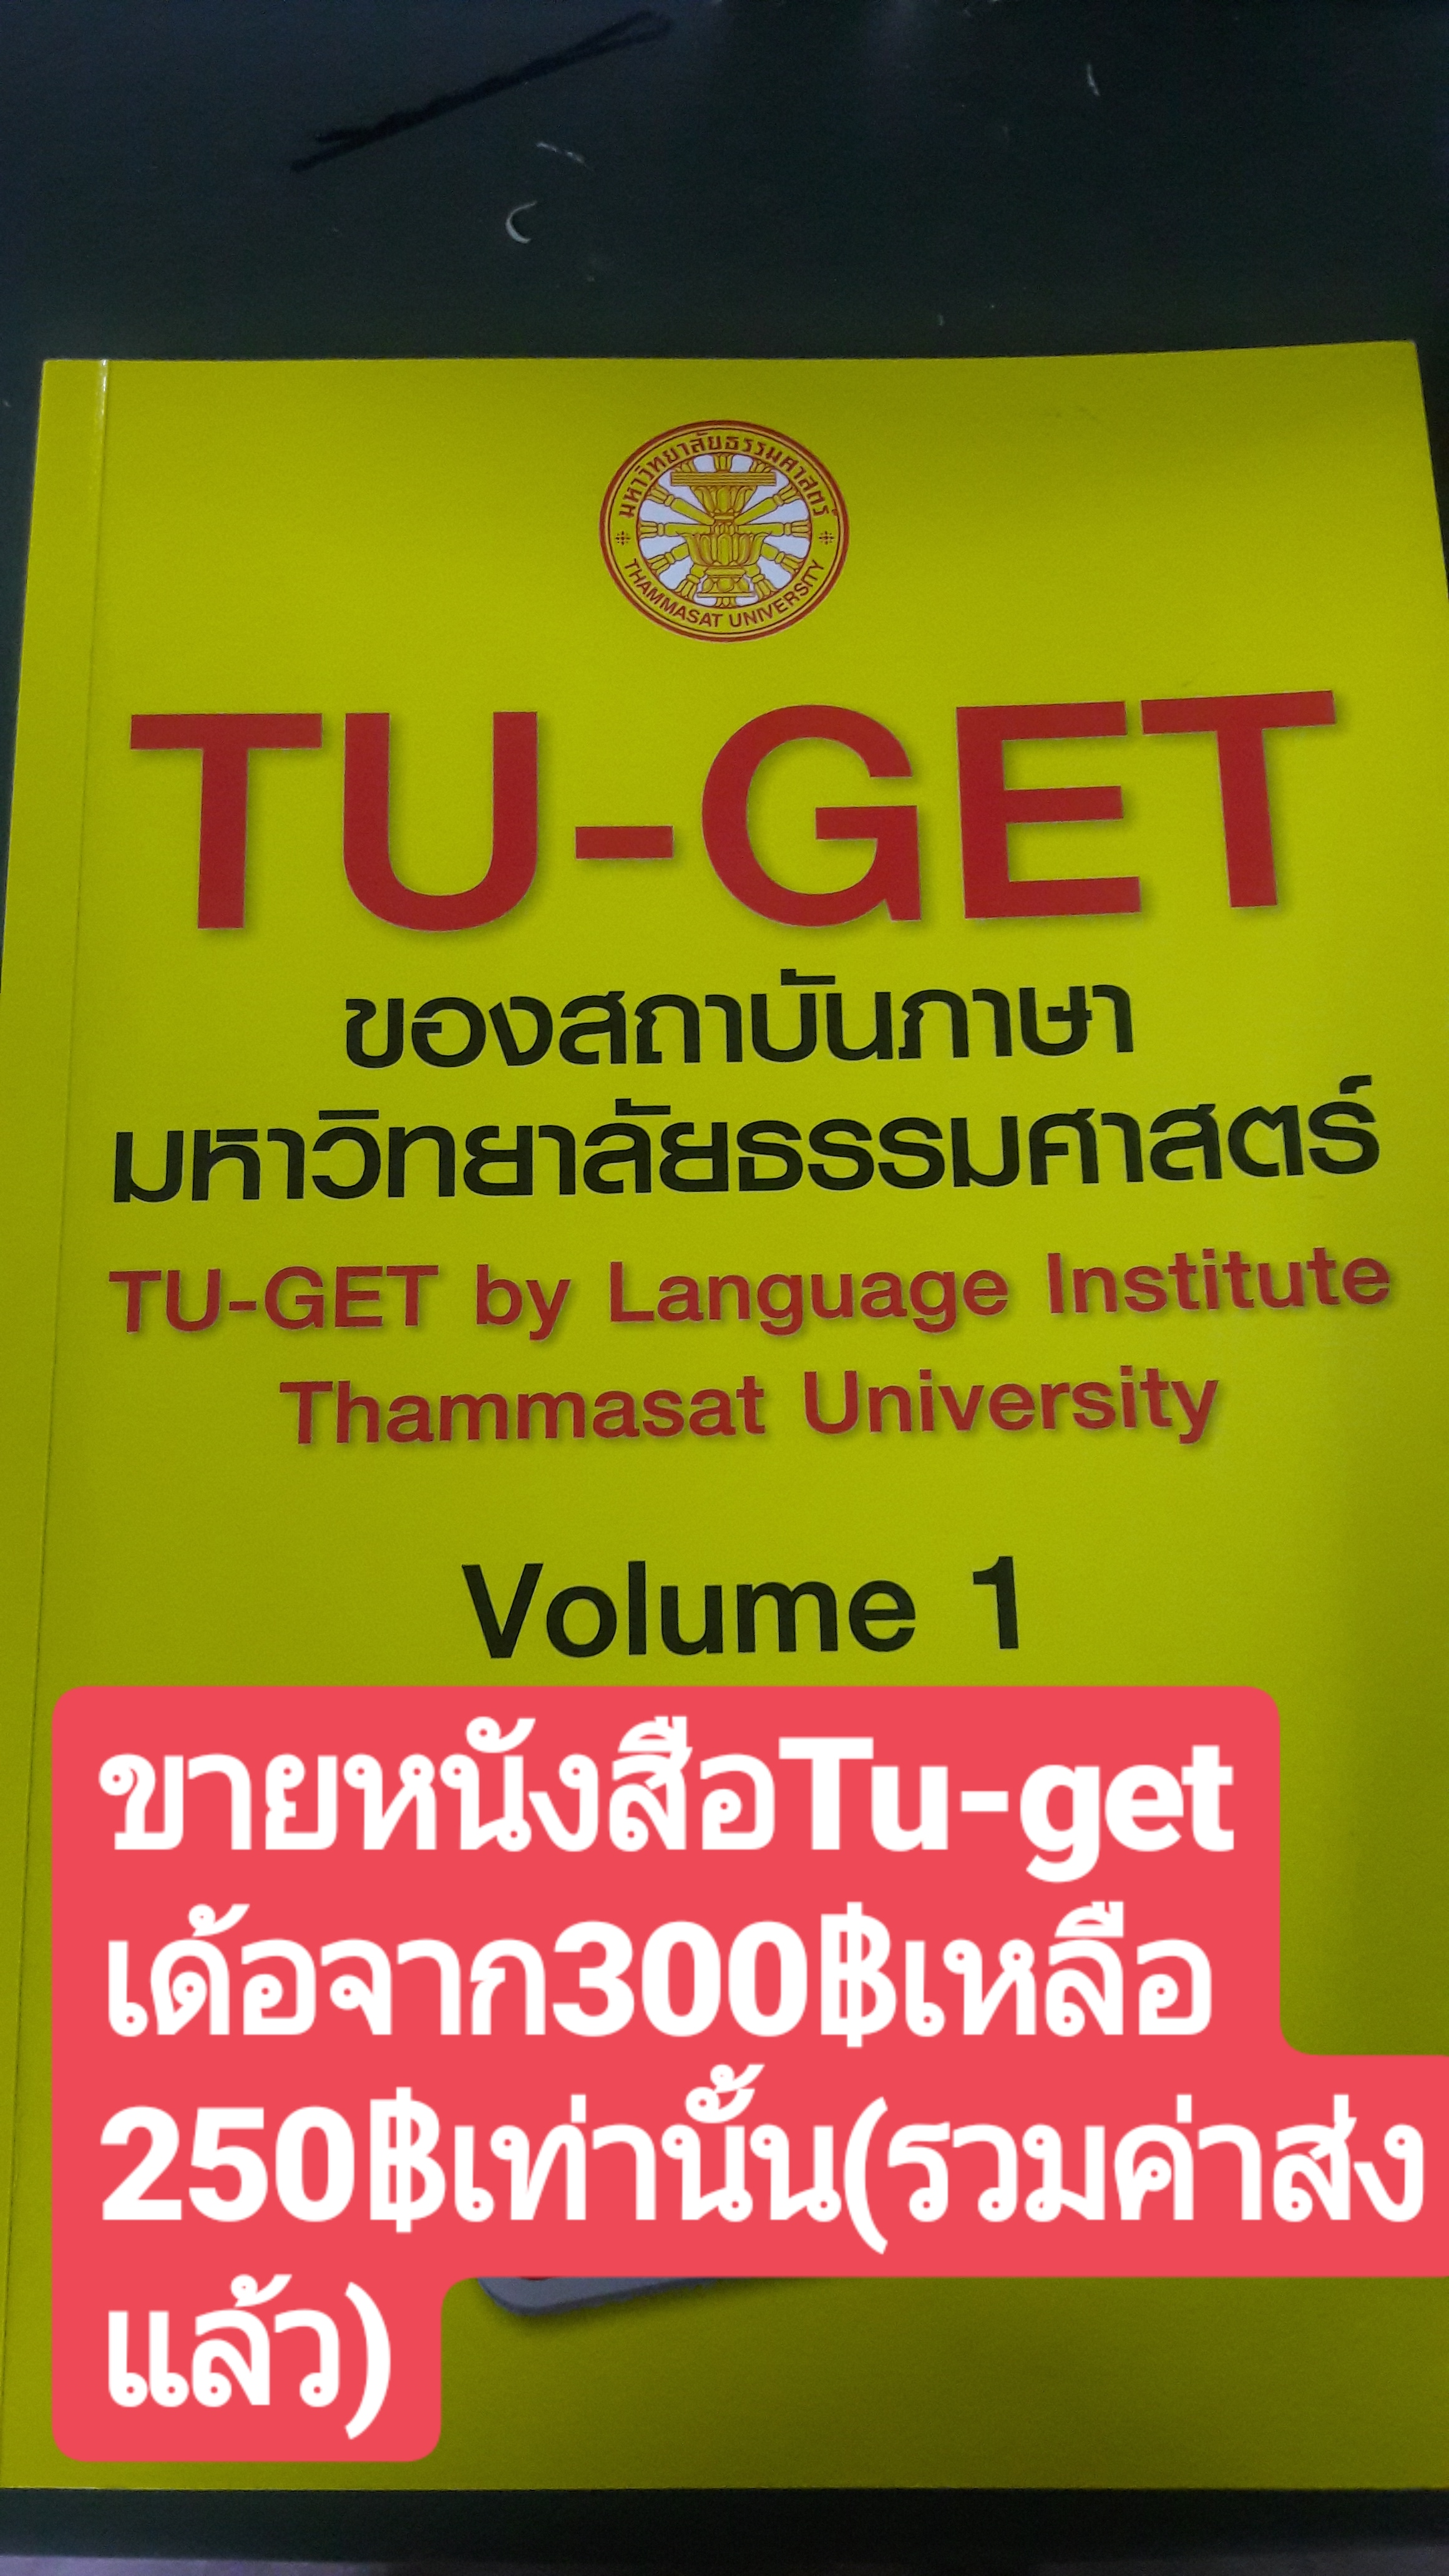 คะแนน TU-GET ครั้งแรก ได้น้อยมาก ยื่นสมัครสอบ ป.โท มธ. จะน่าเกลียดมั้ย?